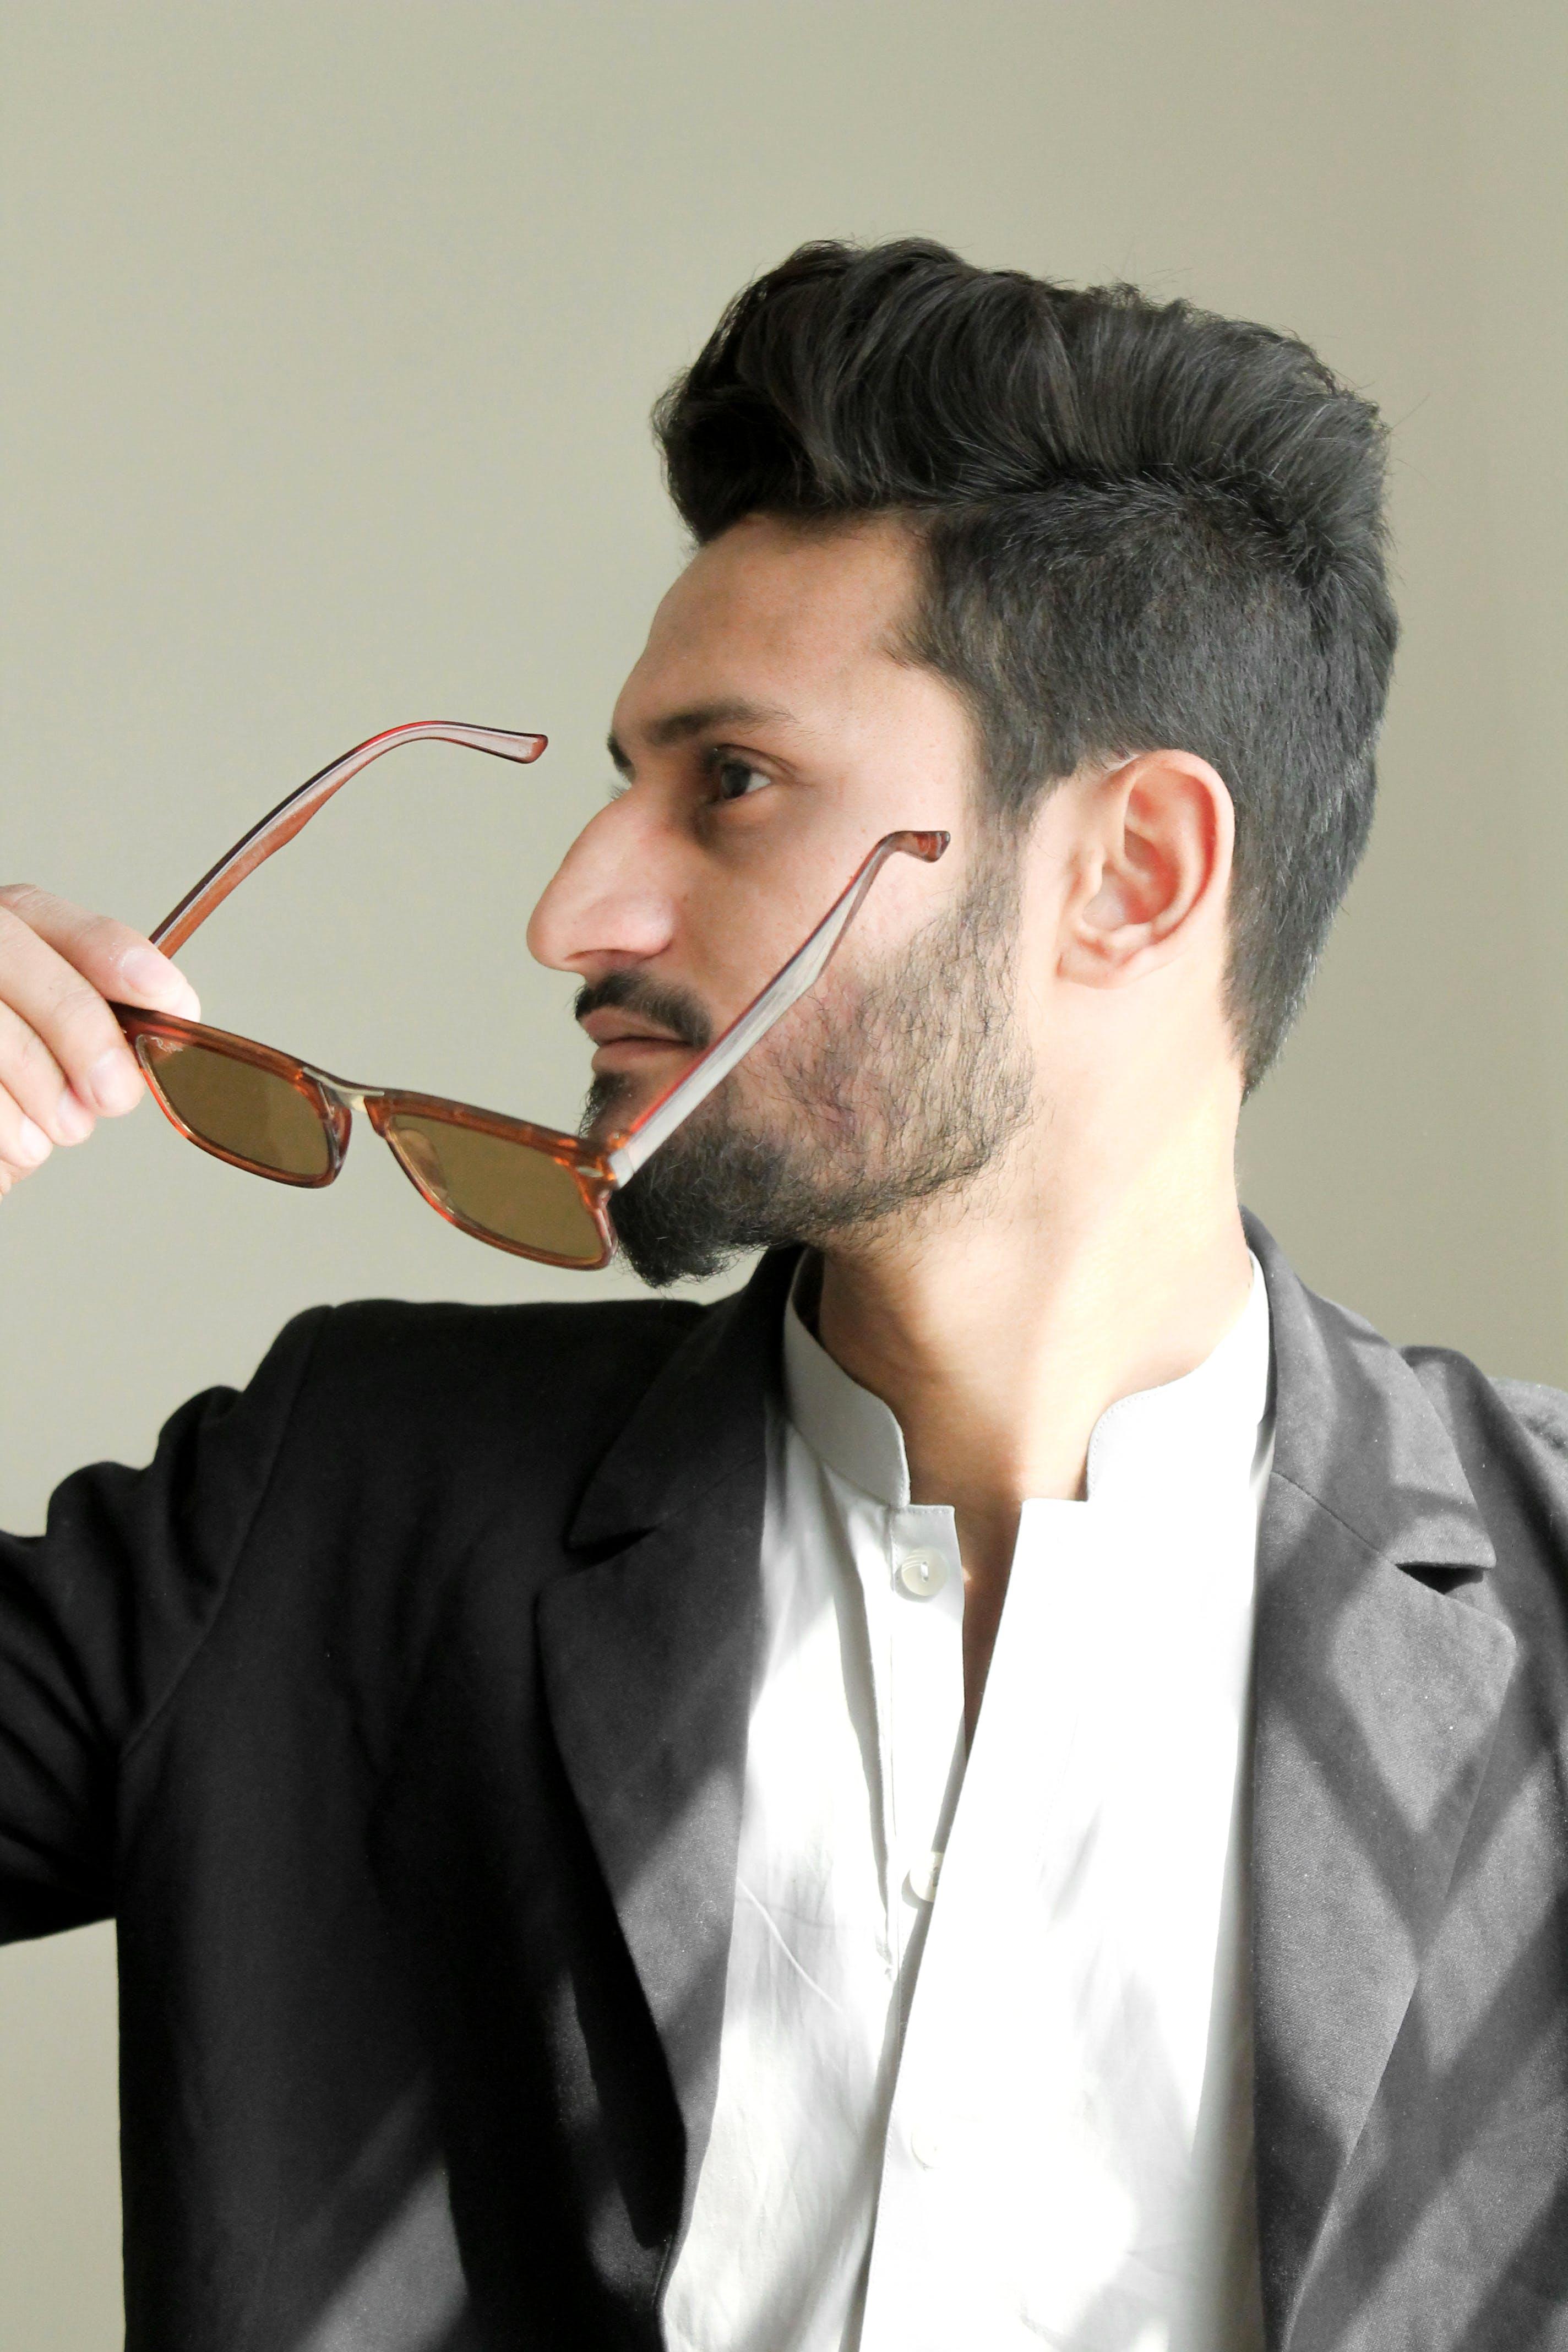 Kostenloses Stock Foto zu fashion, mann, person, sonnenbrille